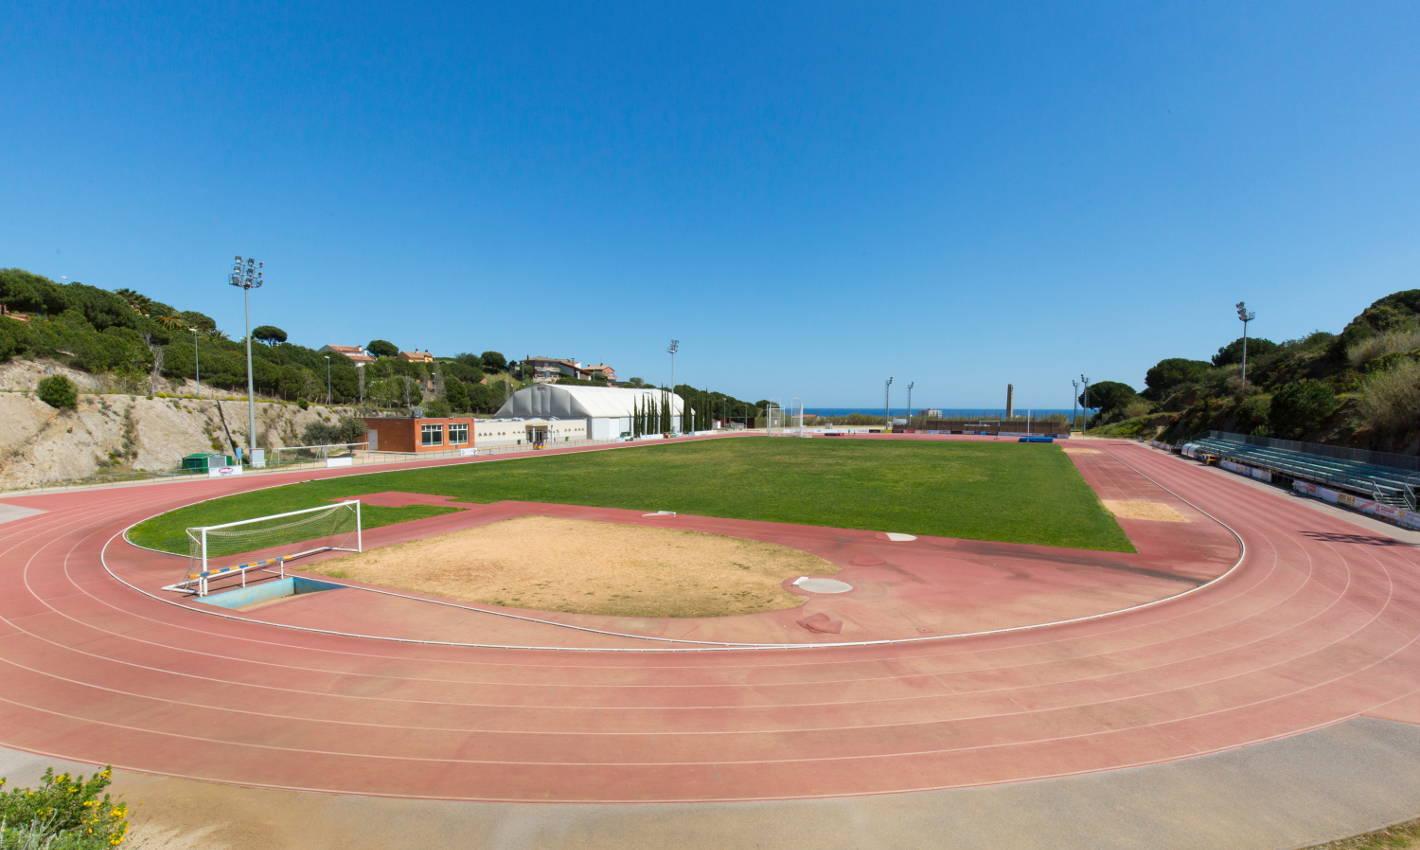 Zona esportiva La Muntanyeta de Calella